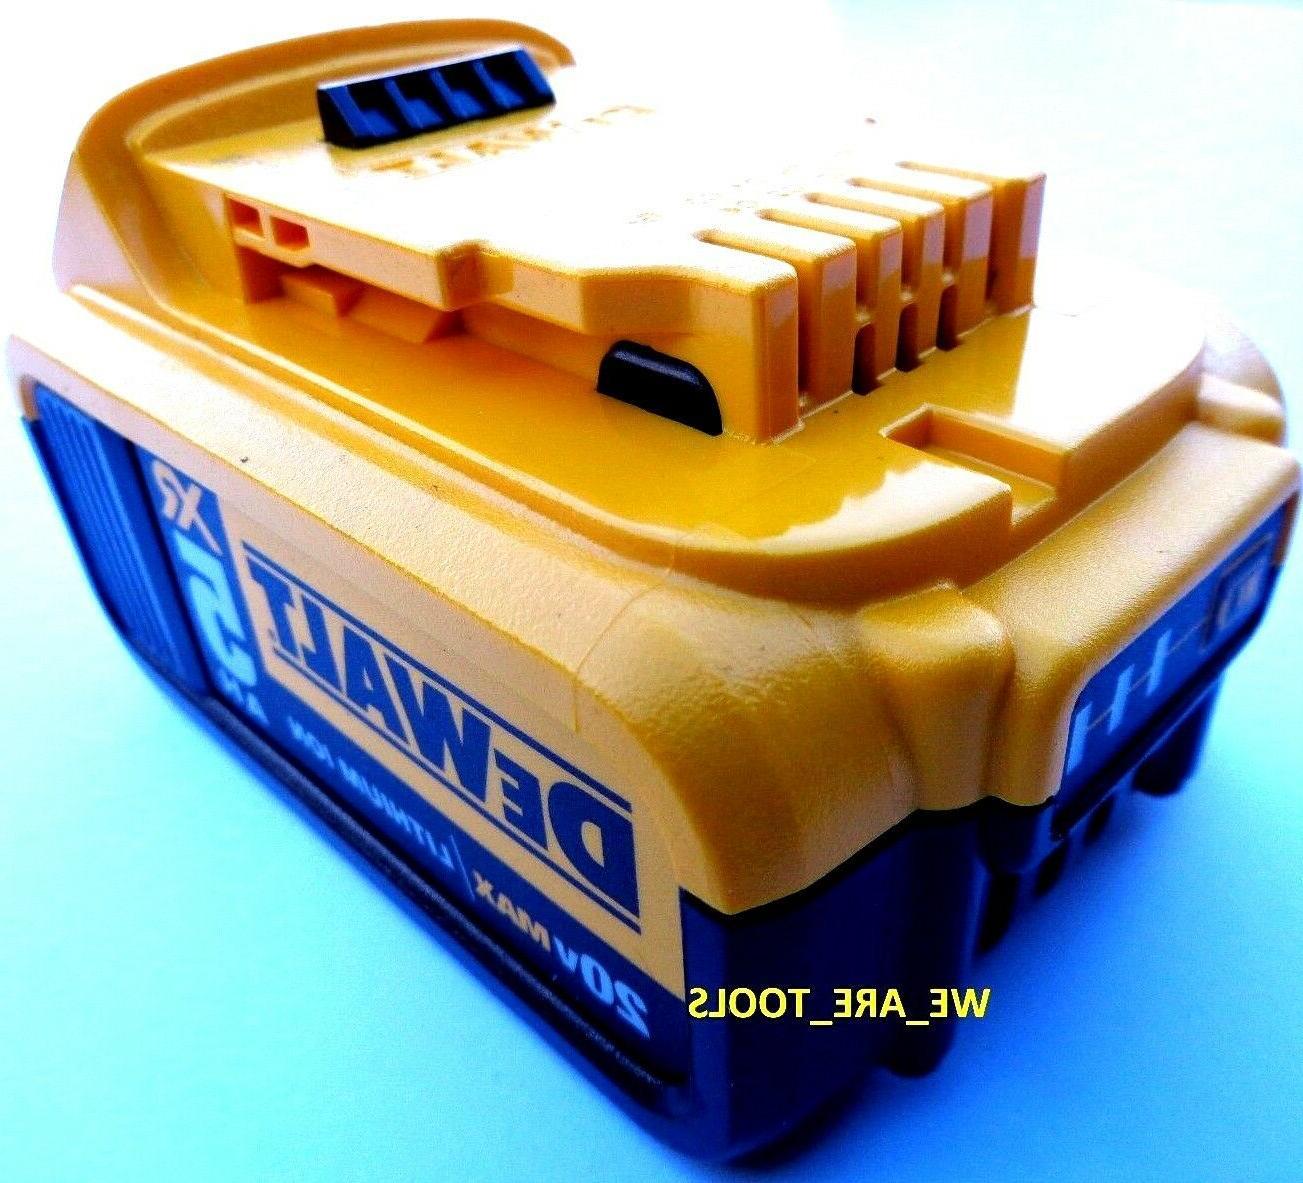 New Dewalt 20V SDS Hammer Drill, 20